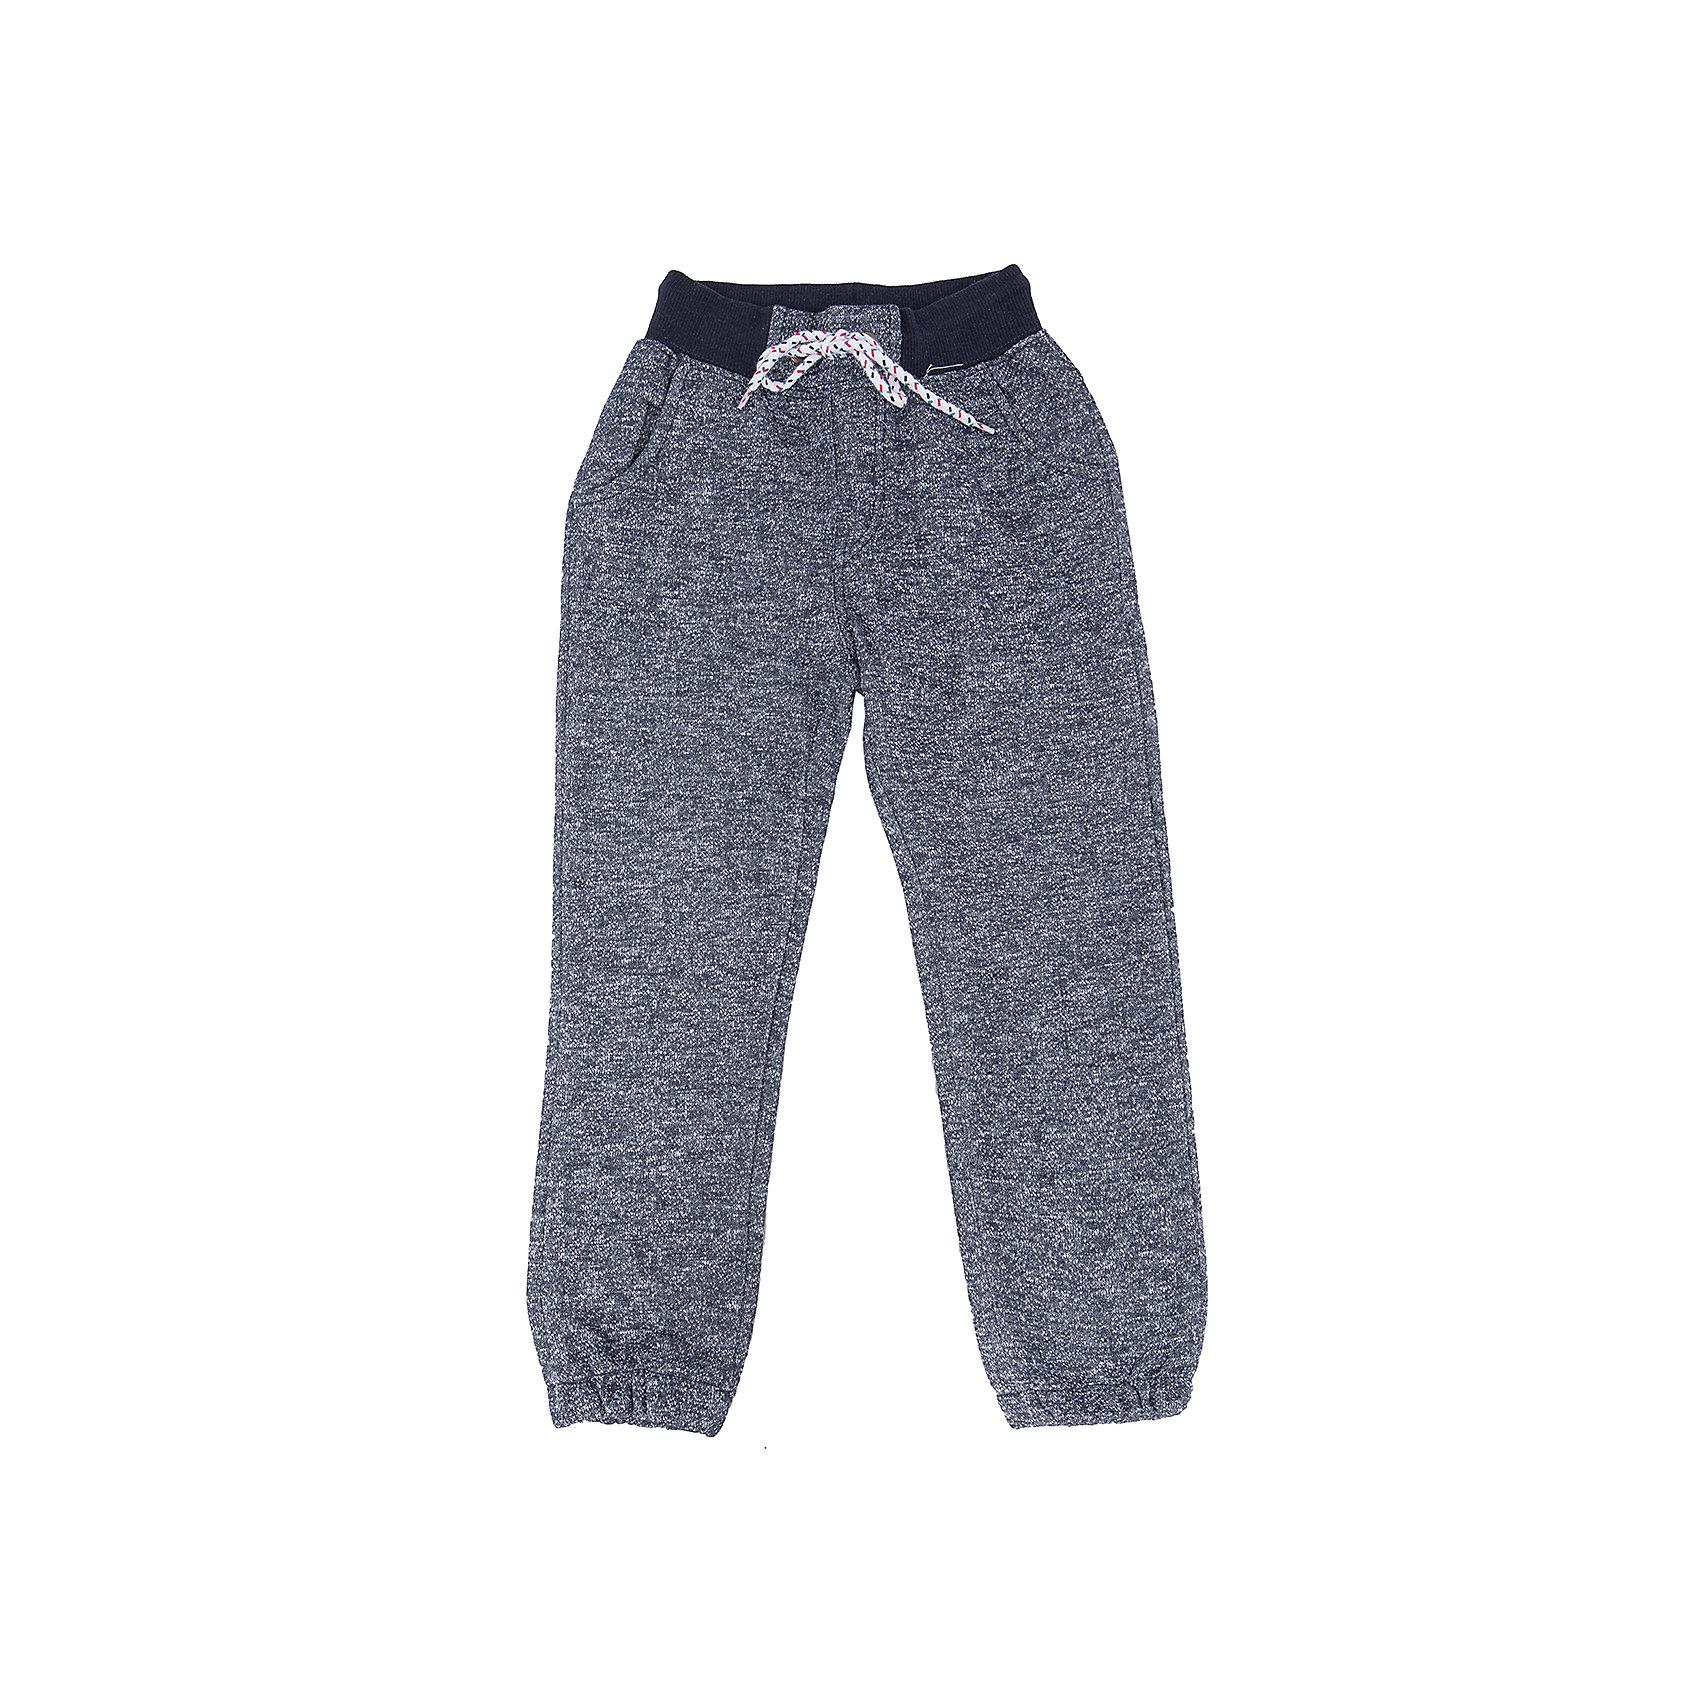 Брюки для мальчика Sweet BerryТакая модель брюк для мальчика отличается мягким и приятным на ощупь материалом. Удачный крой обеспечит ребенку комфорт и тепло. Плотная ткань делает вещь идеальной для прохладной погоды. Она плотно прилегает к телу там, где нужно, и отлично сидит по фигуре. Брюки имеют резинку и шнурок на талии. <br>Одежда от бренда Sweet Berry - это простой и выгодный способ одеть ребенка удобно и стильно. Всё изделия тщательно проработаны: швы - прочные, материал - качественный, фурнитура - подобранная специально для детей. <br><br>Дополнительная информация:<br><br>цвет: синий;<br>резинка и шнурок на талии;<br>материал: 90% хлопок, 10% полиэстер.<br><br>Брюки для мальчика от бренда Sweet Berry можно купить в нашем интернет-магазине.<br><br>Ширина мм: 215<br>Глубина мм: 88<br>Высота мм: 191<br>Вес г: 336<br>Цвет: синий<br>Возраст от месяцев: 24<br>Возраст до месяцев: 36<br>Пол: Мужской<br>Возраст: Детский<br>Размер: 98,128,122,116,110,104<br>SKU: 4930438